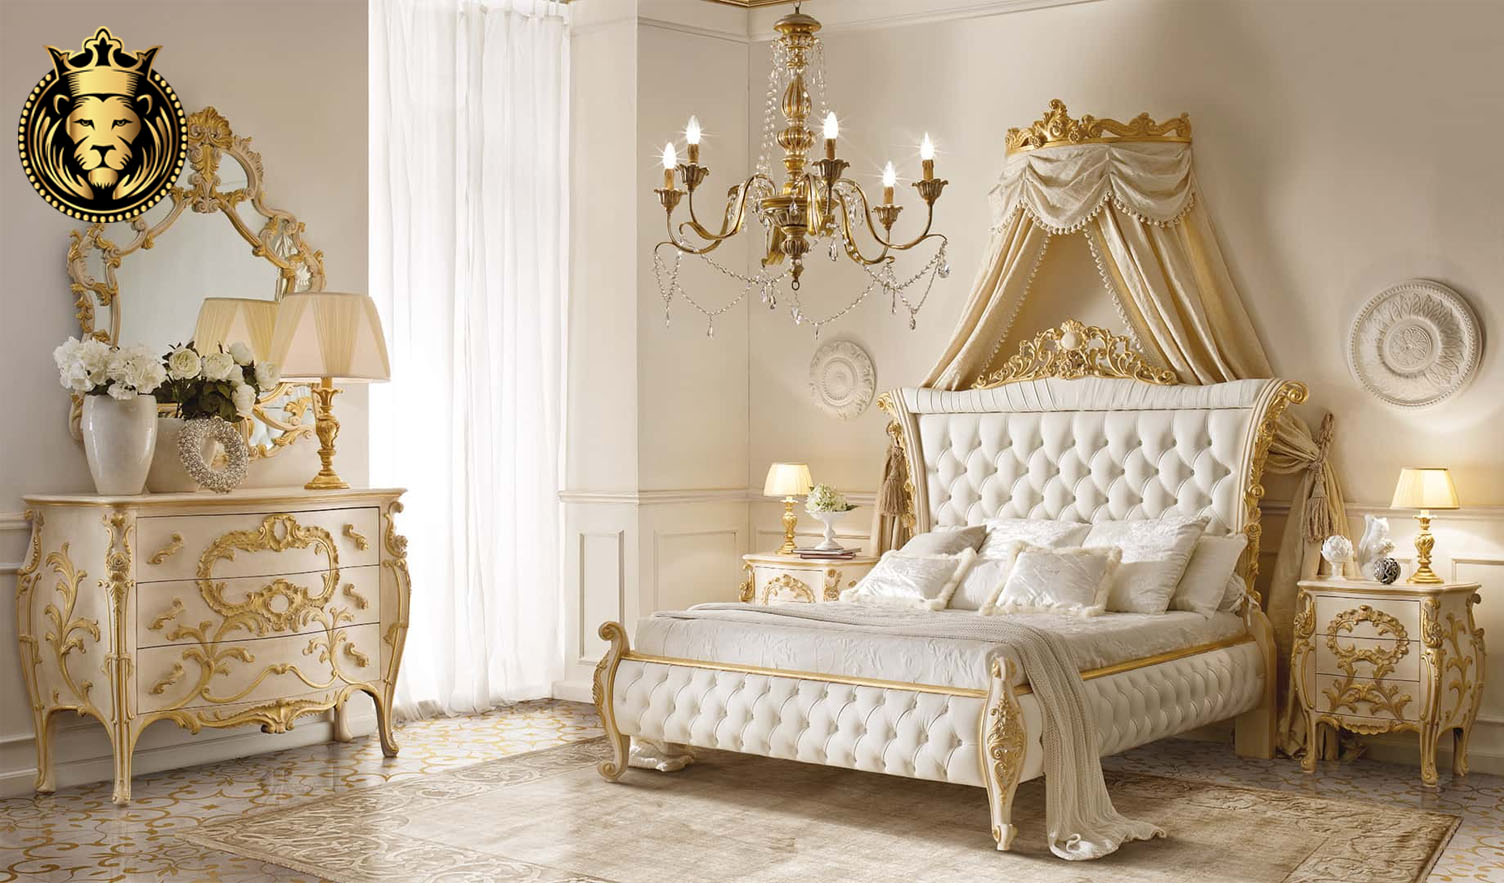 Italian Style Mumbai luxury Villa Bedroom Furniture Set ...